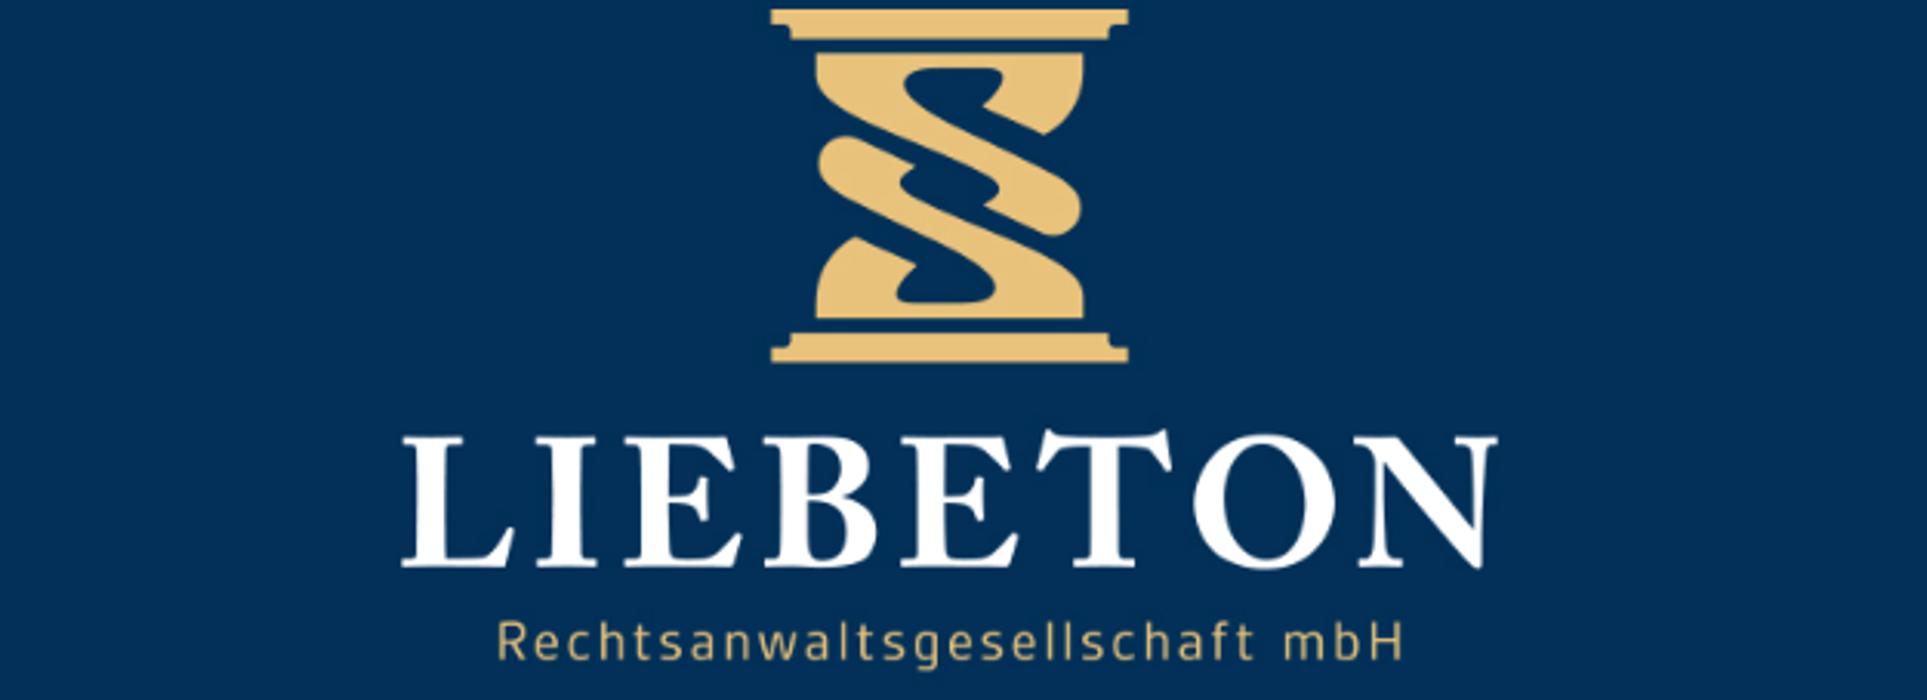 Bild zu Liebeton Rechtsanwaltsgesellschaft mbH in Heinsberg im Rheinland